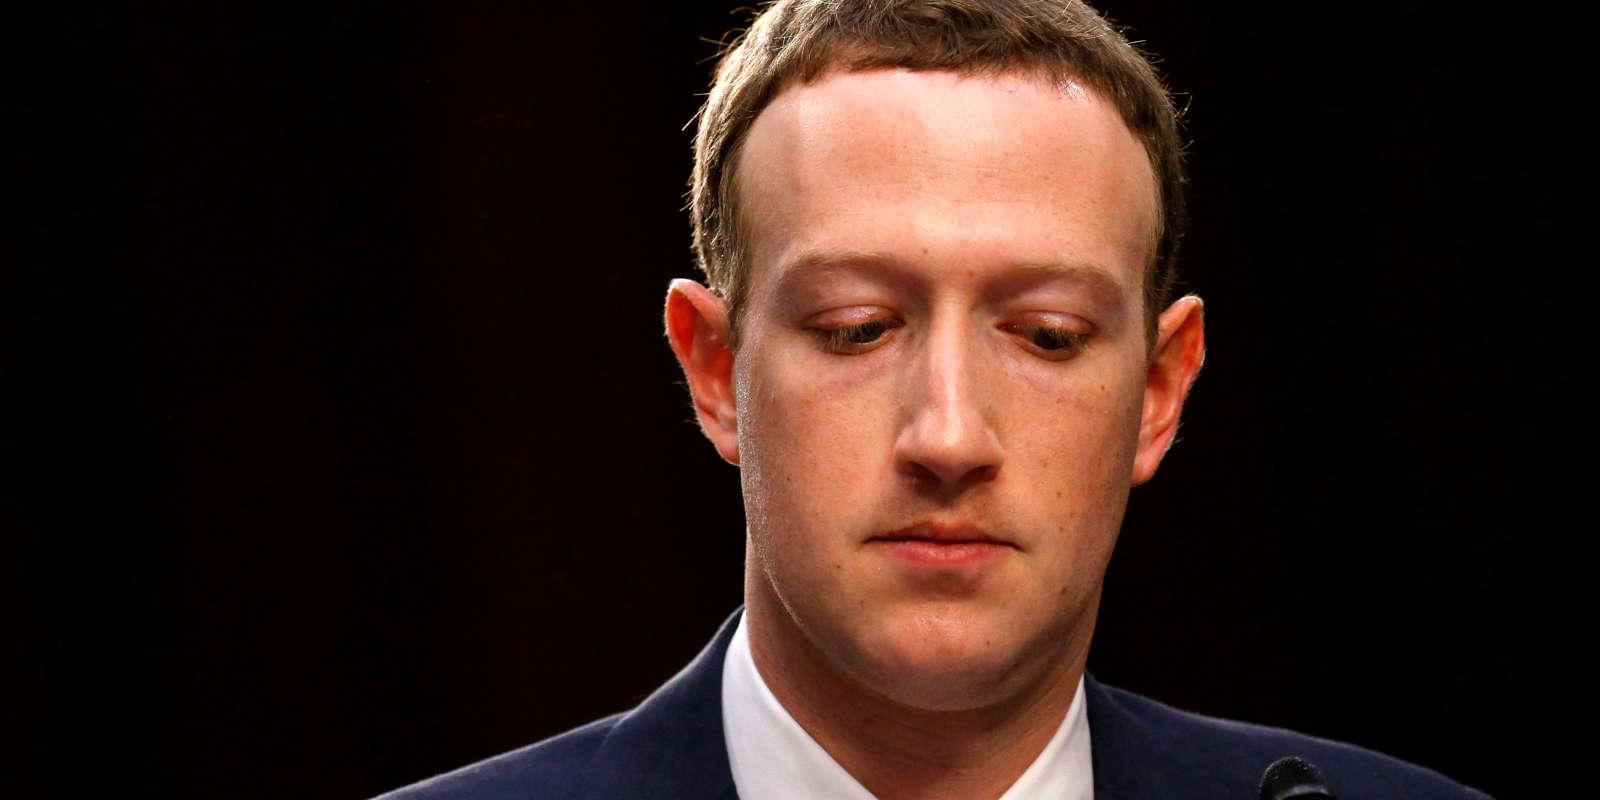 Mark Zuckerberg a déjà été questionné, en avril, par le Congrès américain.